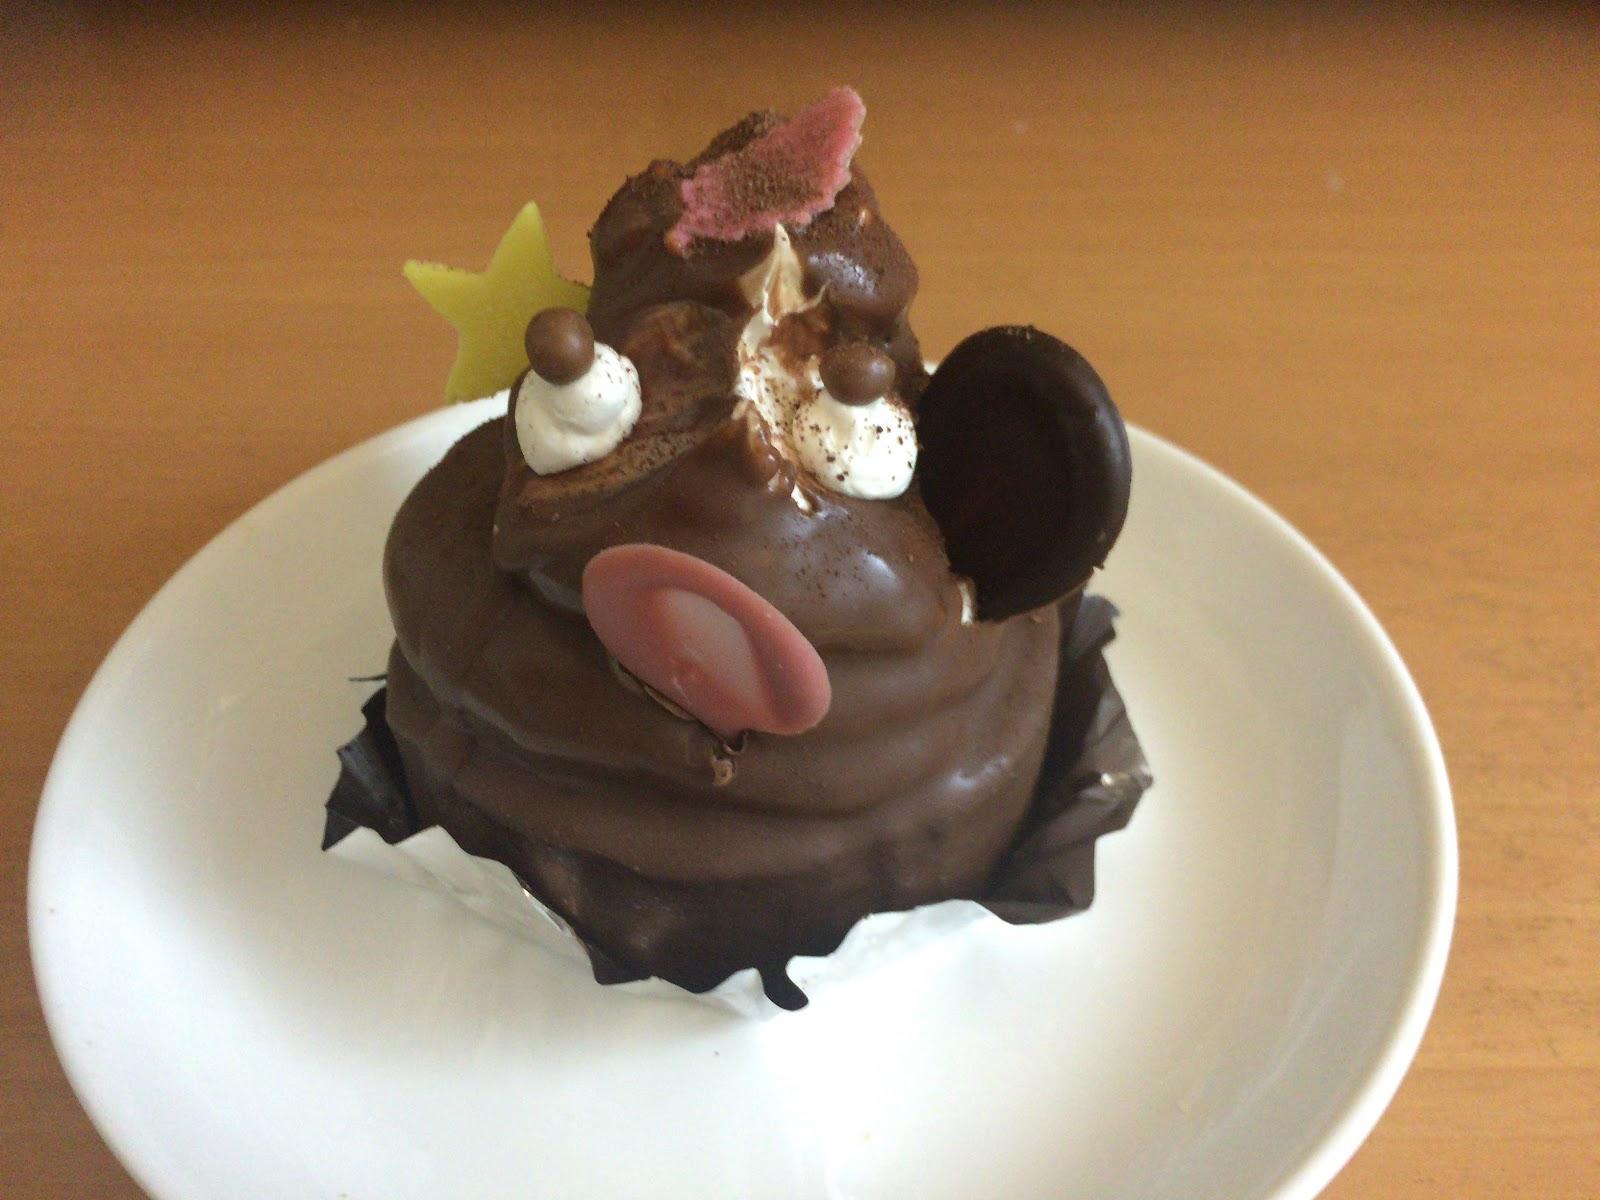 たぬきケーキ 北海道札幌市「シャトレーヌ洋菓子店清田店」